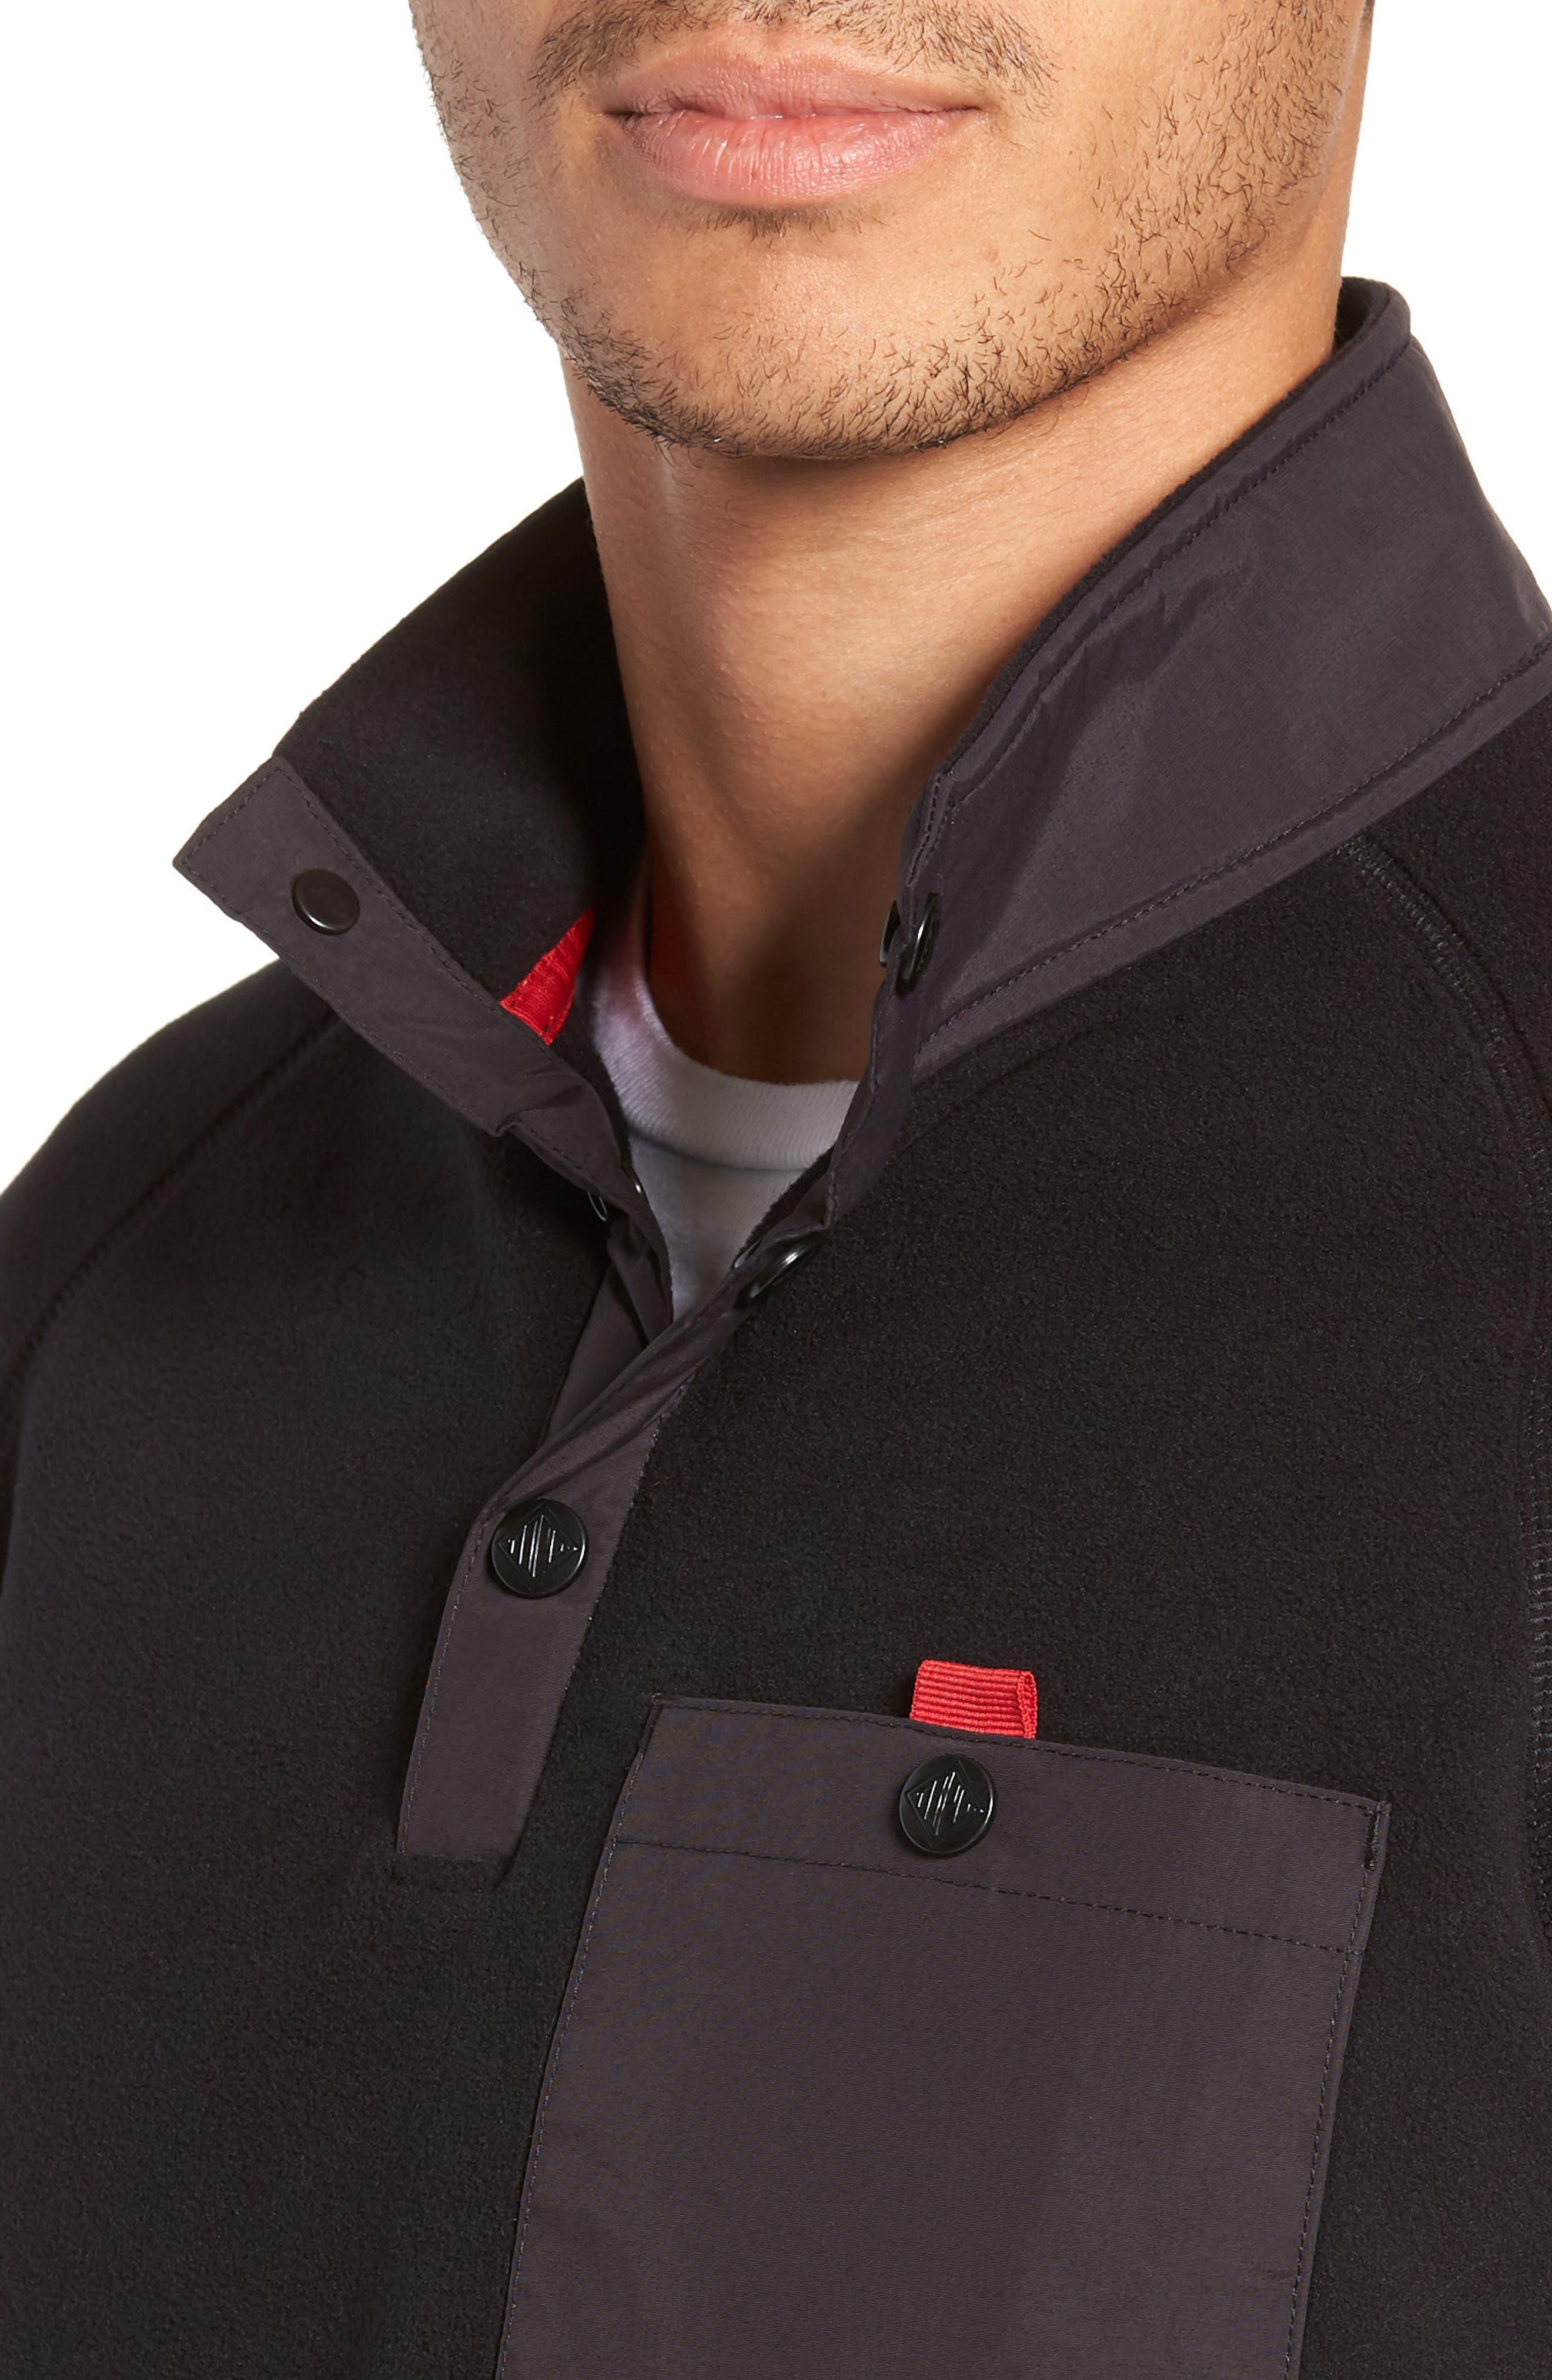 Mountain Fleece Pullover,                             Alternate thumbnail 4, color,                             BLACK